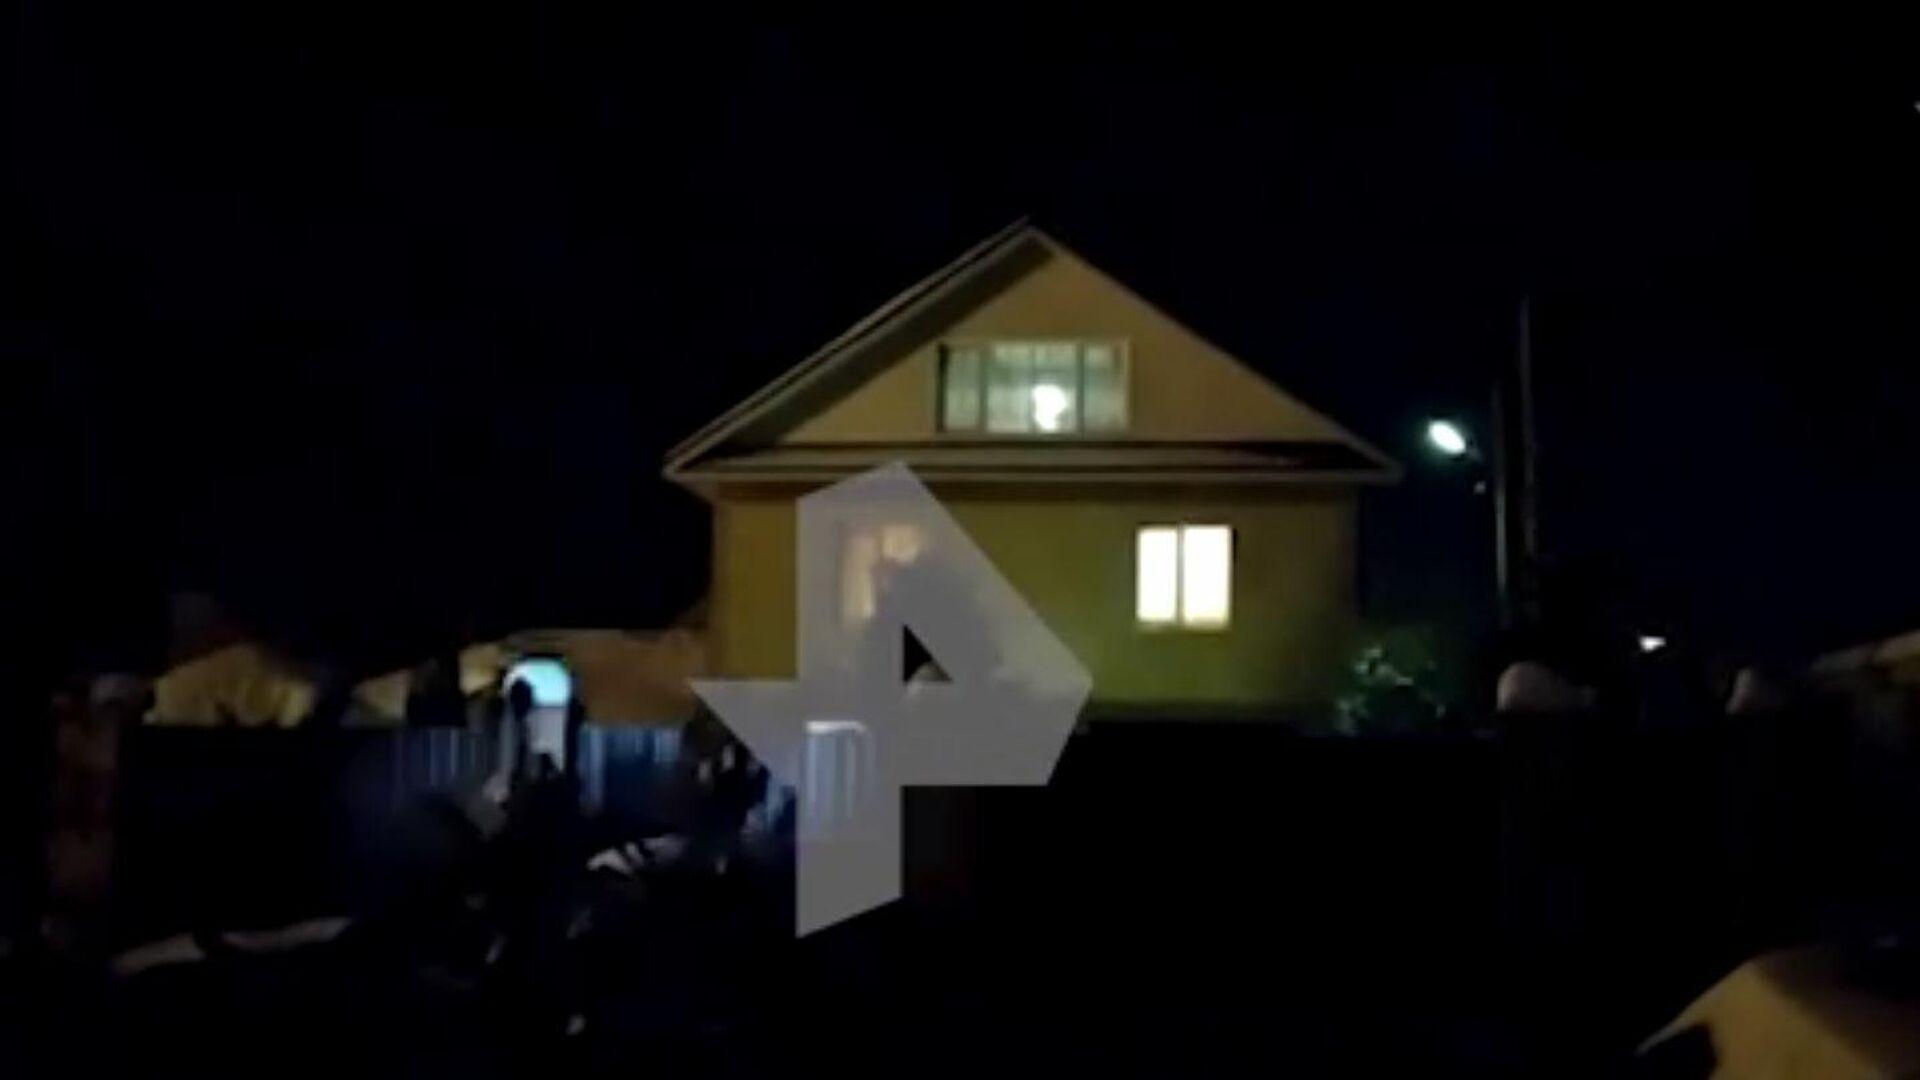 Видео с места убийства семьи в Нижегородской области - РИА Новости, 1920, 01.03.2021